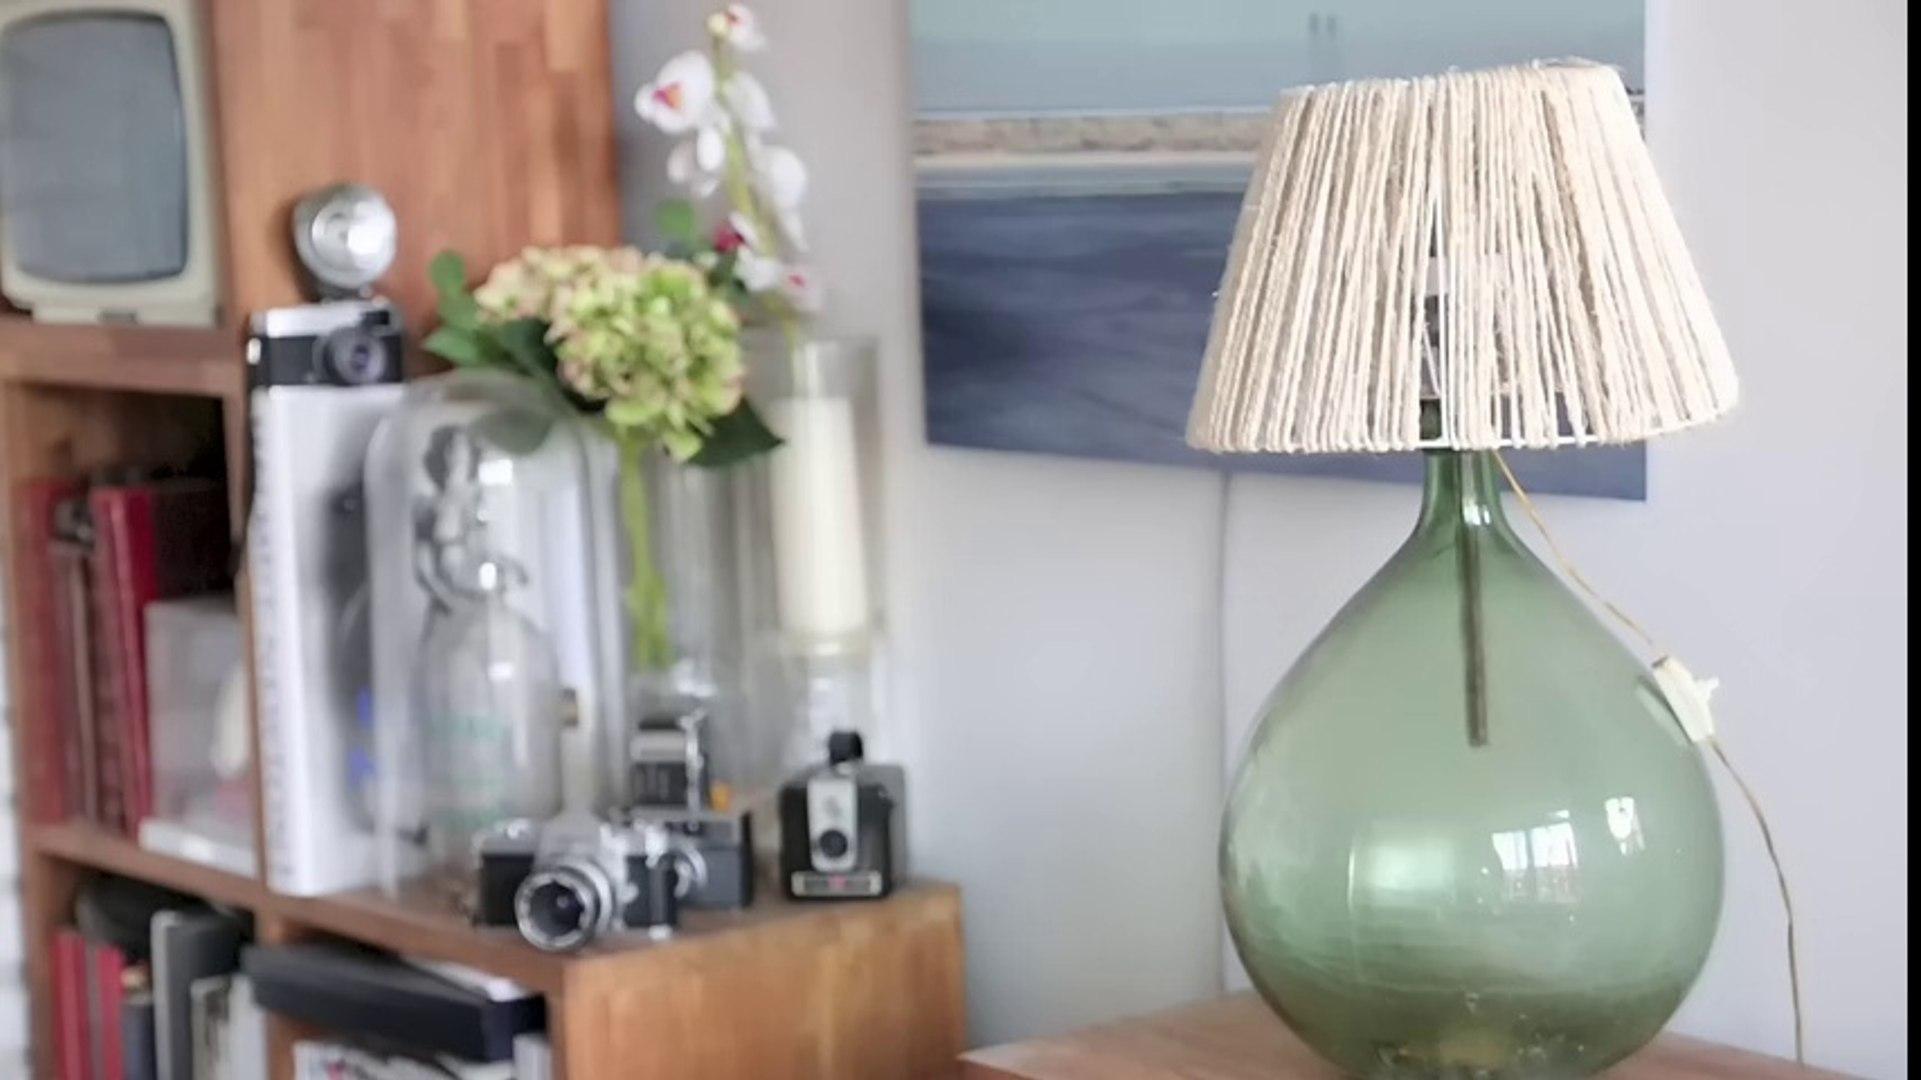 Comment Customiser Une Lampe De Chevet improviser une lampe à partir d'une bouteille en verre